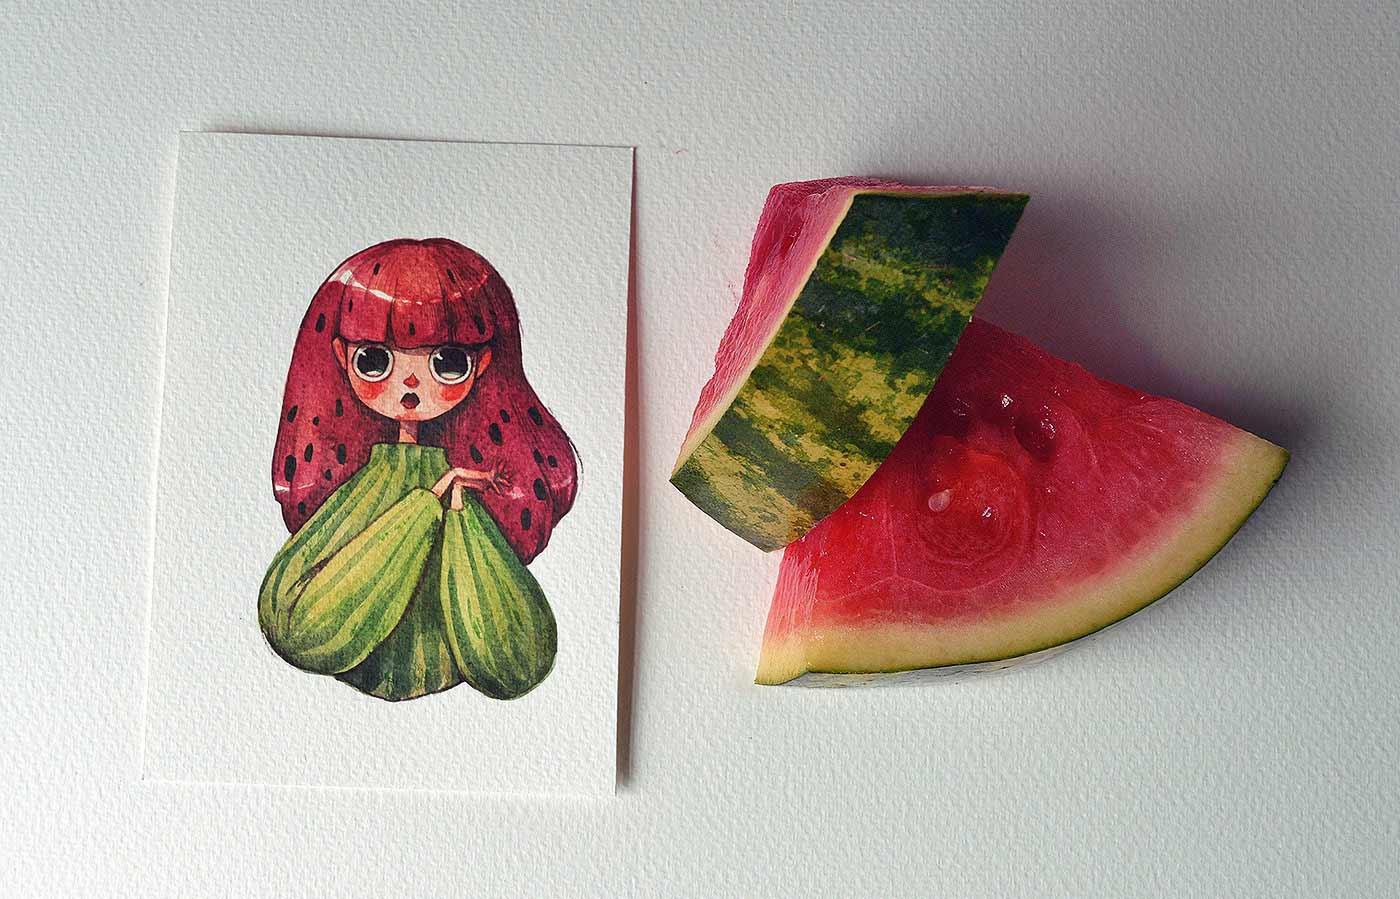 Früchte als Personen gezeichnet obst-als-personen-Marija-Tiurina_01